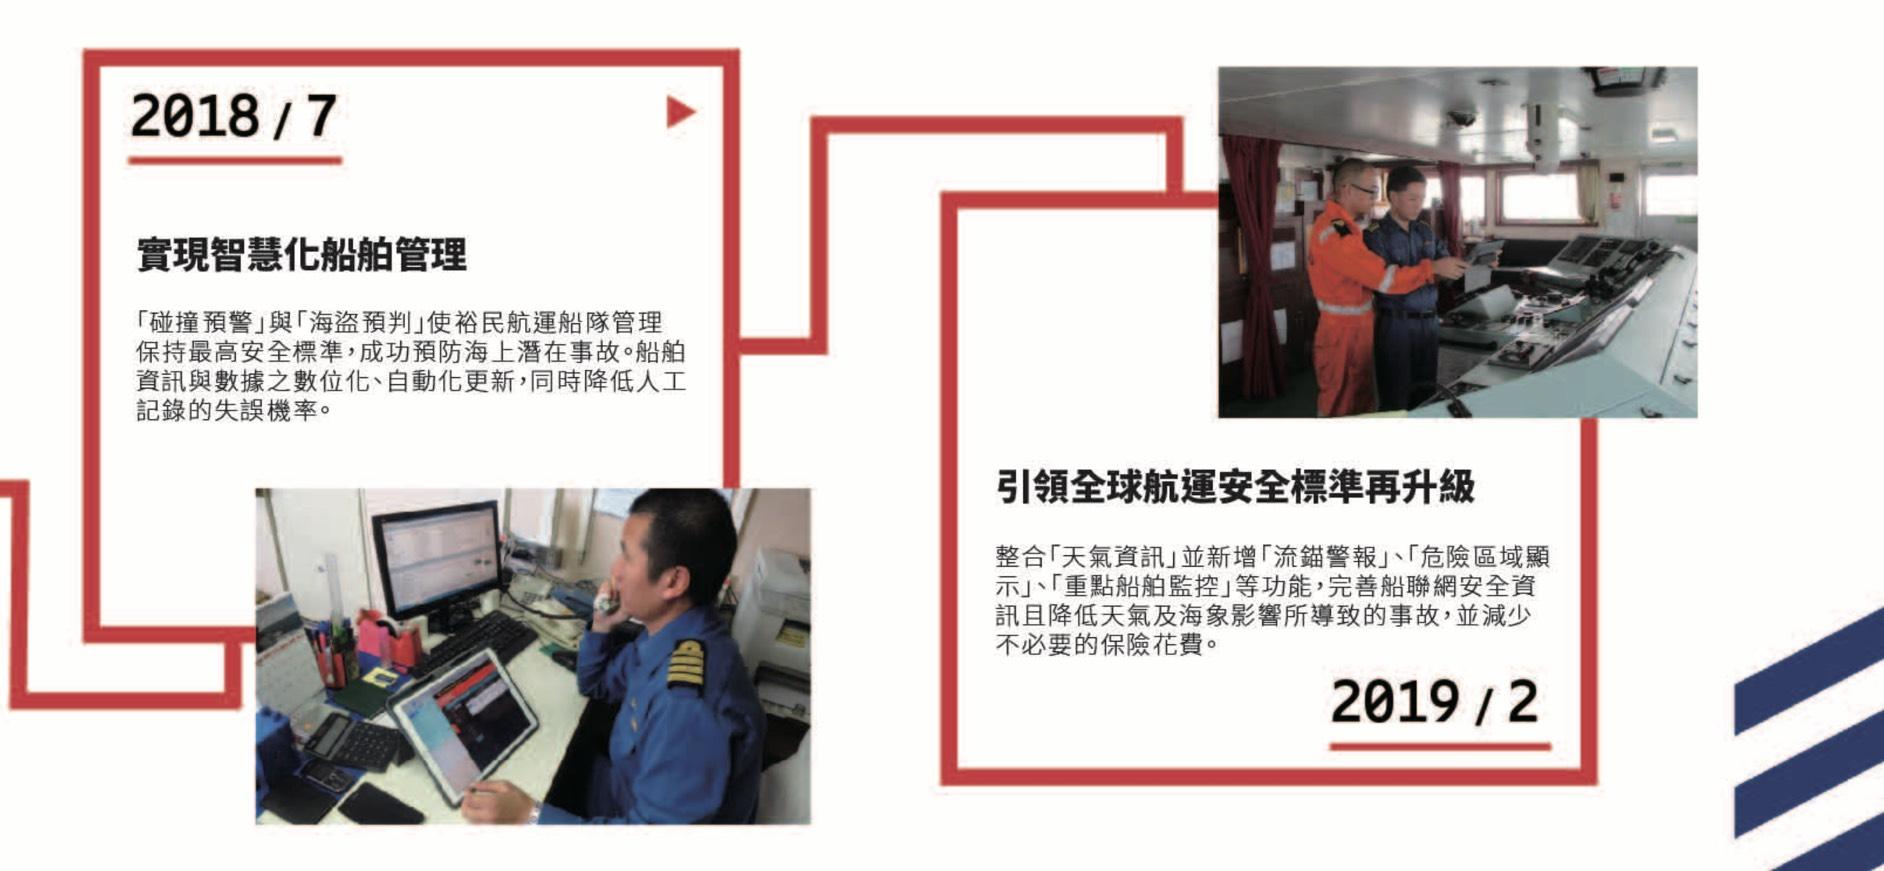 航運安全再升級!愛立信x裕民航運 新增天氣資訊 流錨警報 危險顯示功能